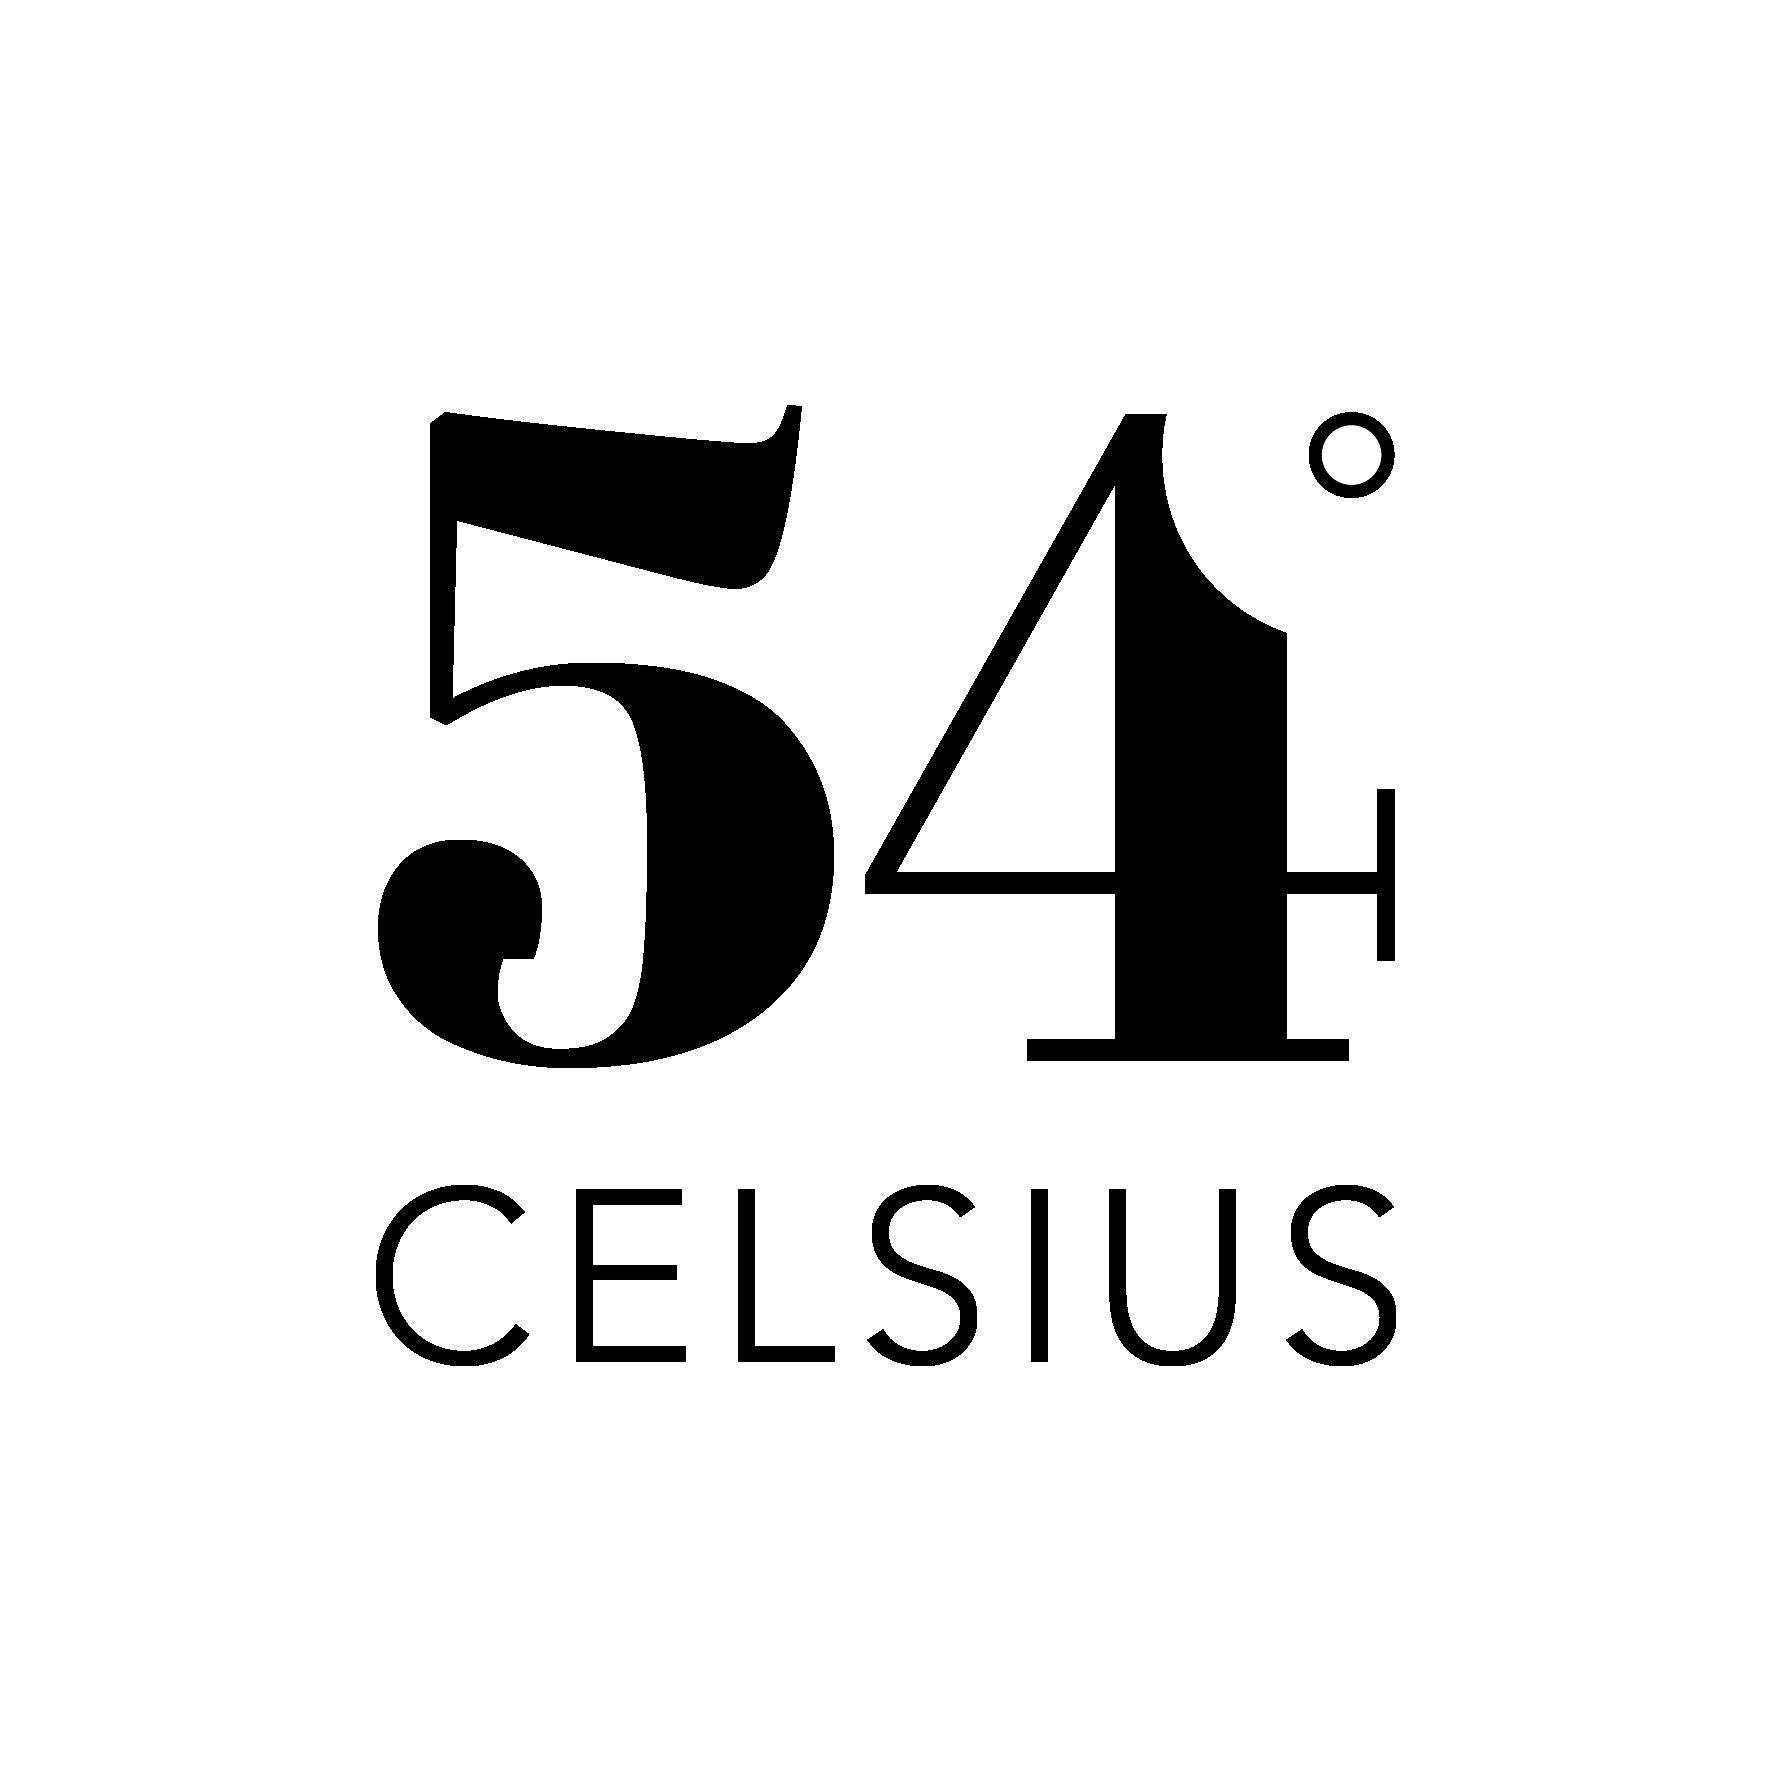 54_C_Finale-copy.png